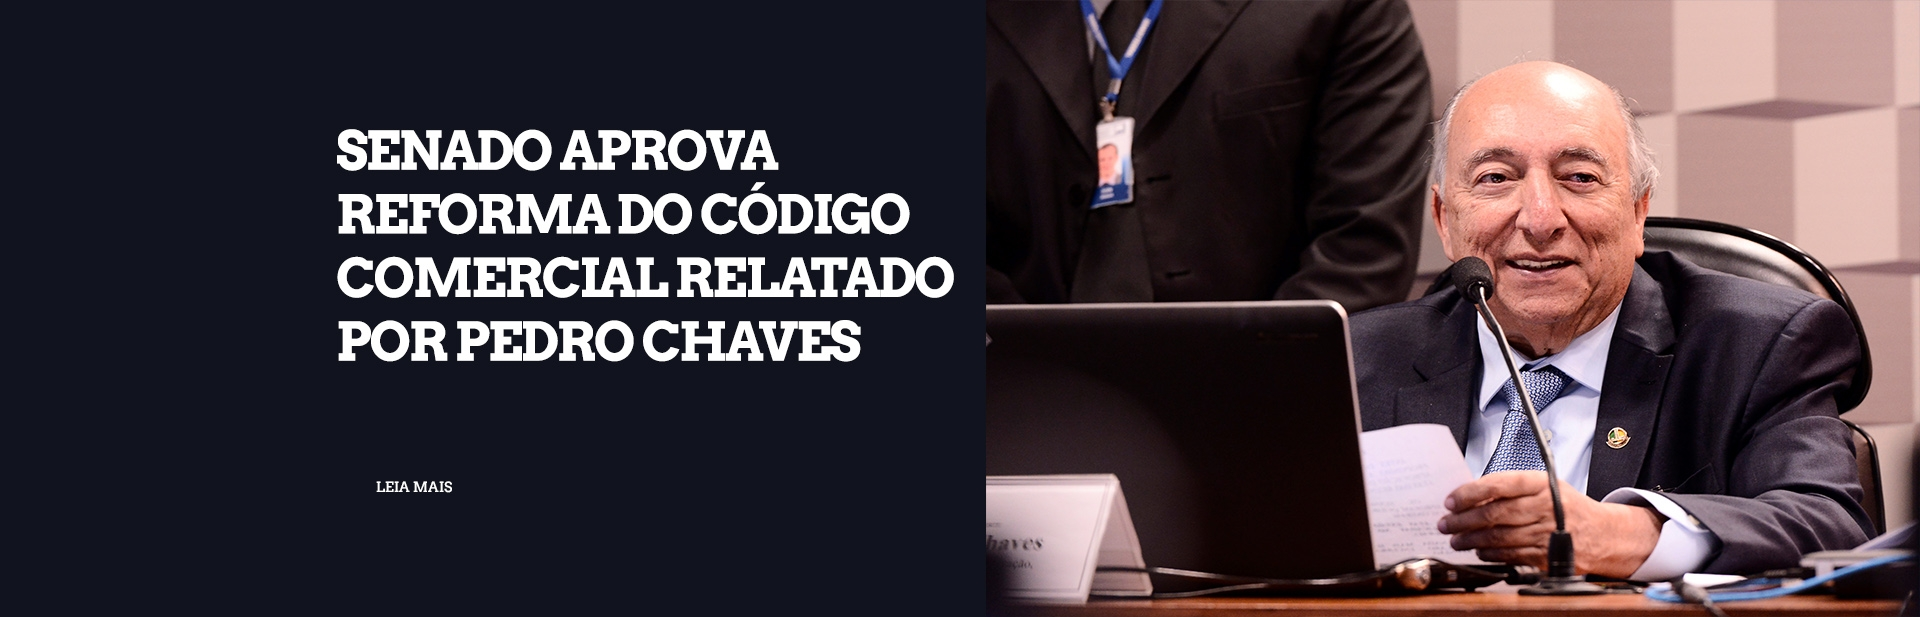 Senado aprova Reforma do Código Comercial relatado por Pedro Chaves